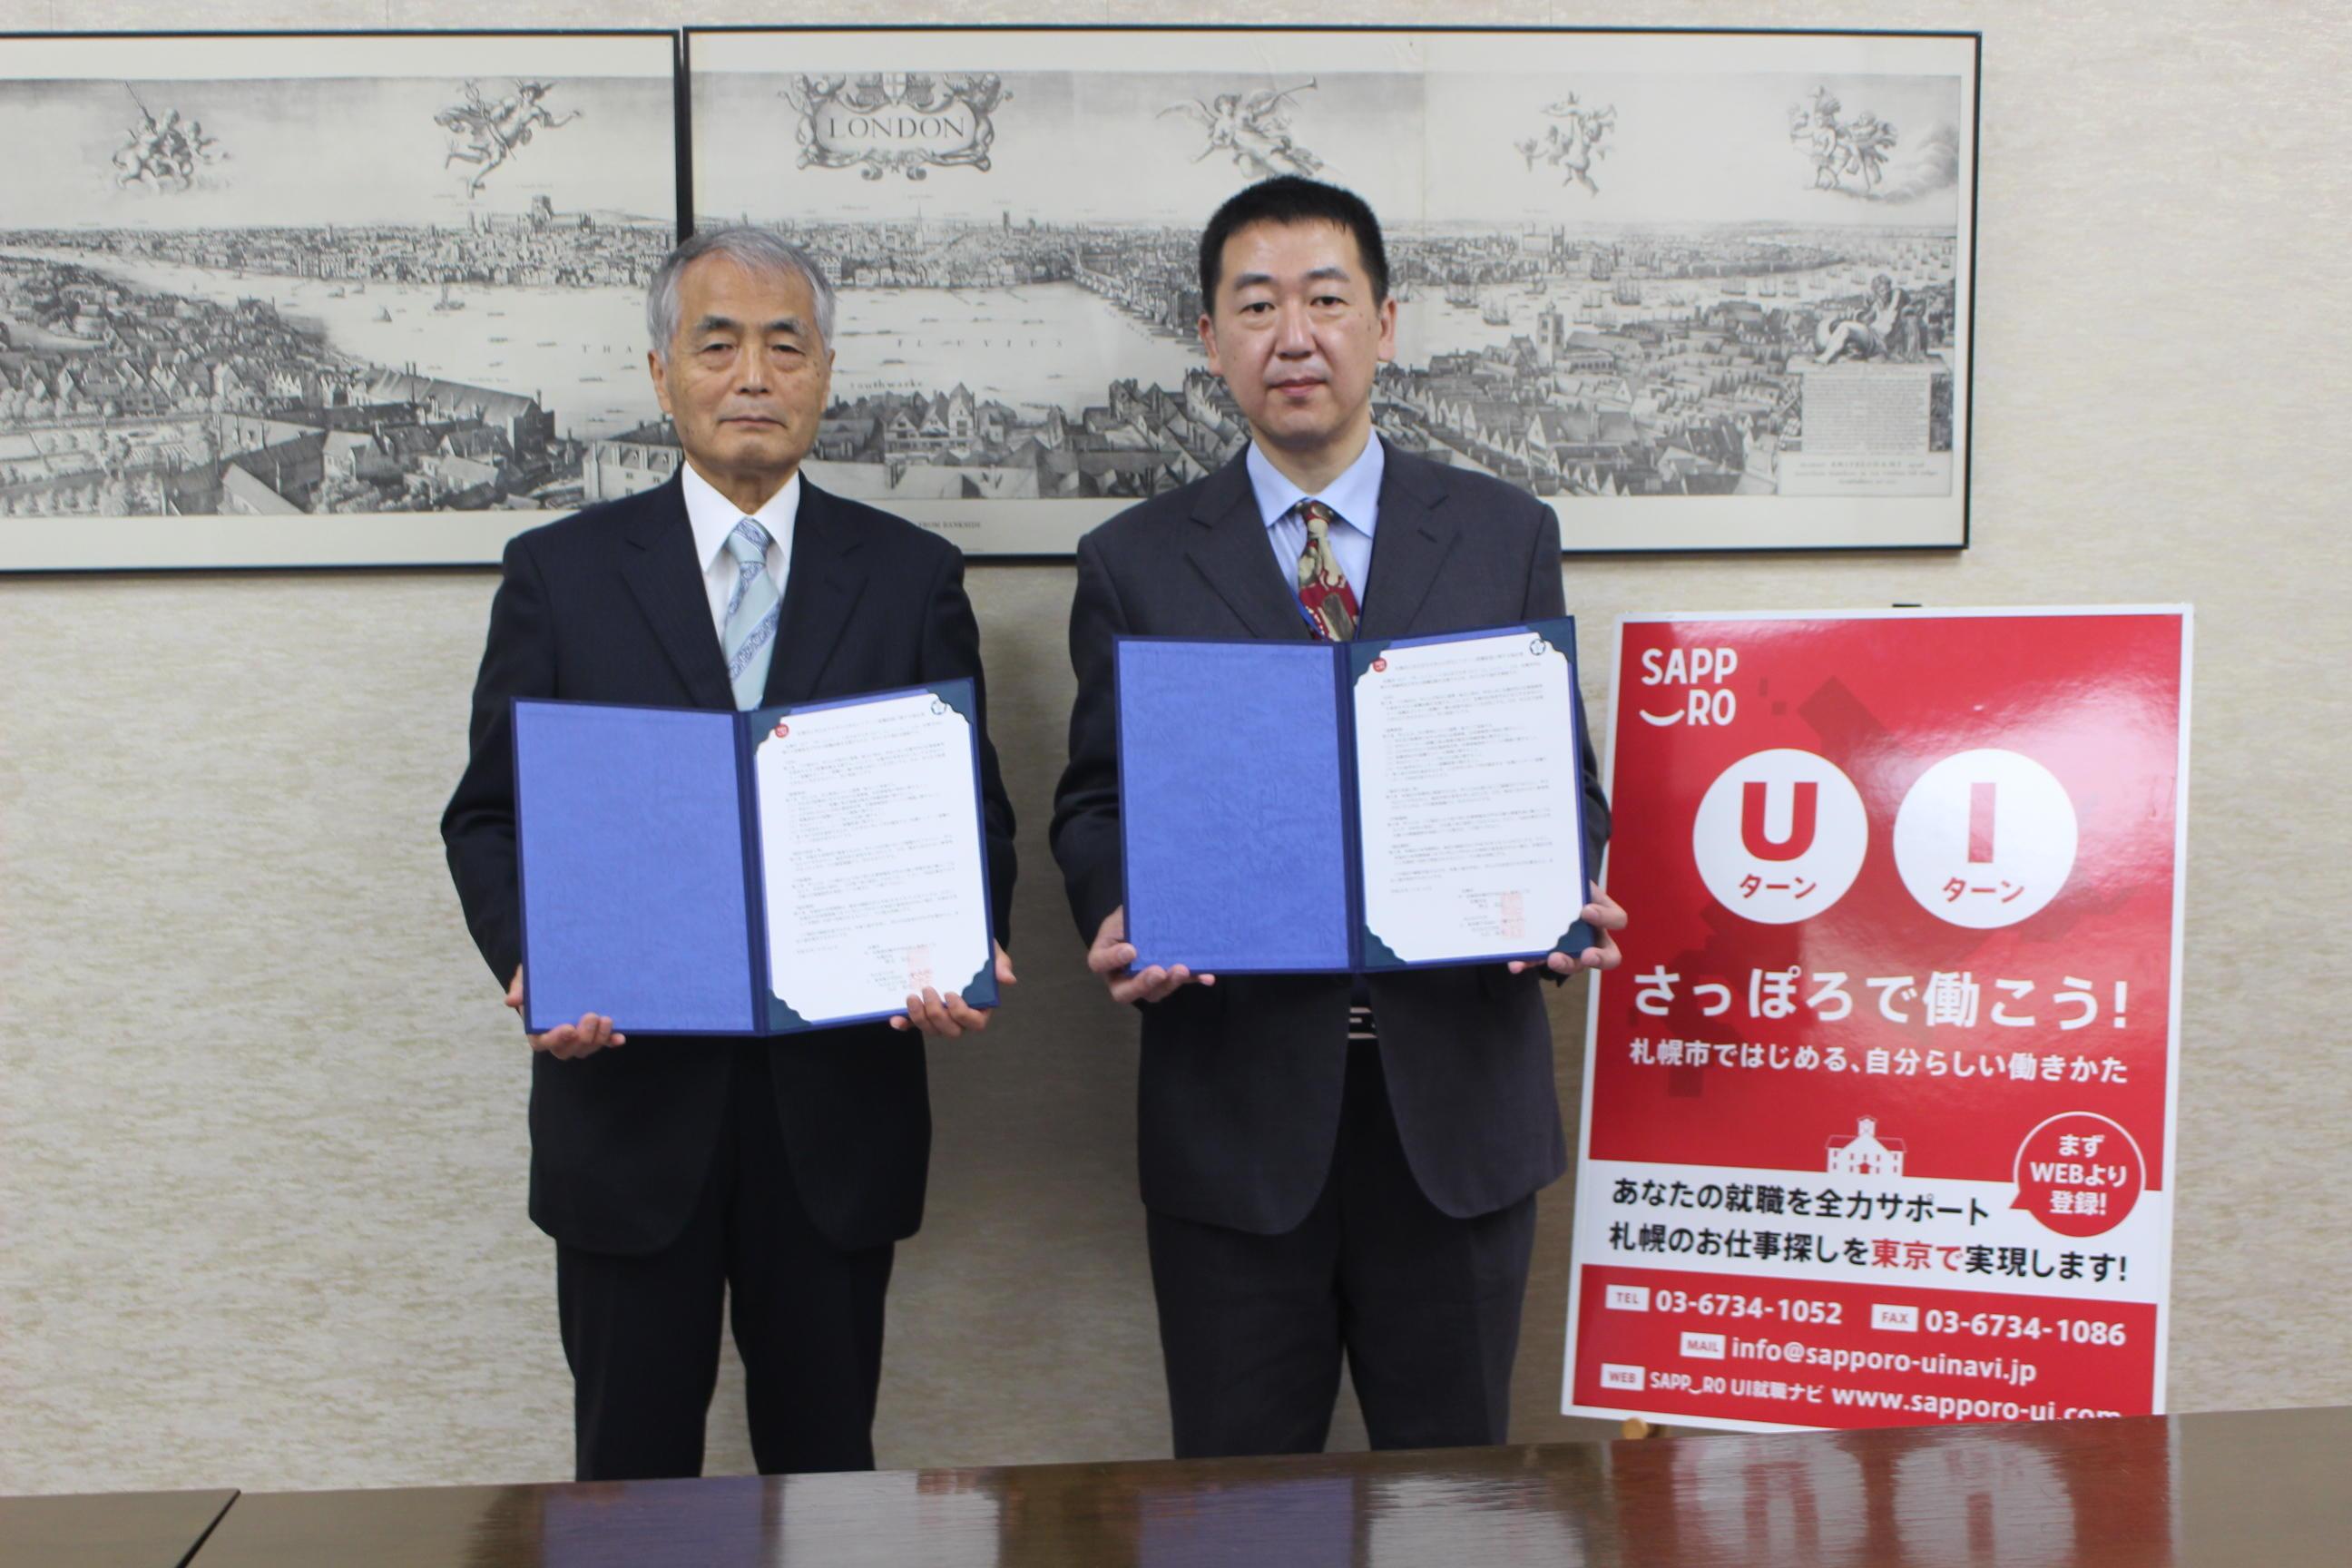 共立女子大学・共立女子短期大学が札幌市と「学生UIターン就職促進に関する協定」を締結 -- 札幌市と就職協定を結ぶ1校目の女子大学として --